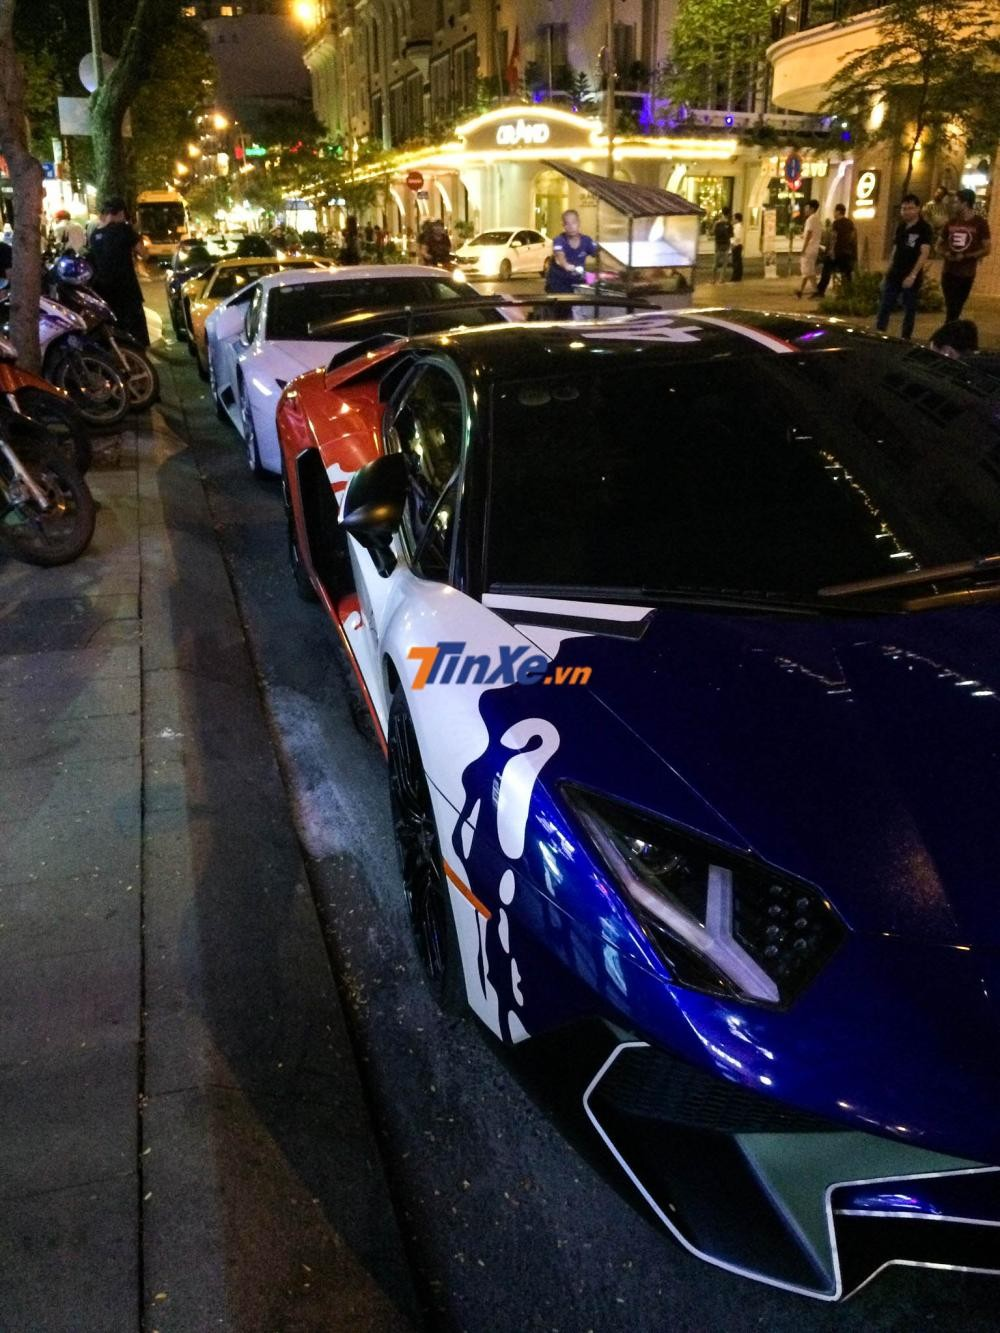 Siêu xe Lamborghini Aventador LP750-4 SV của Minh Nhựa chỉ có đúng 600 chiếc được sản xuất trên toàn thế giới